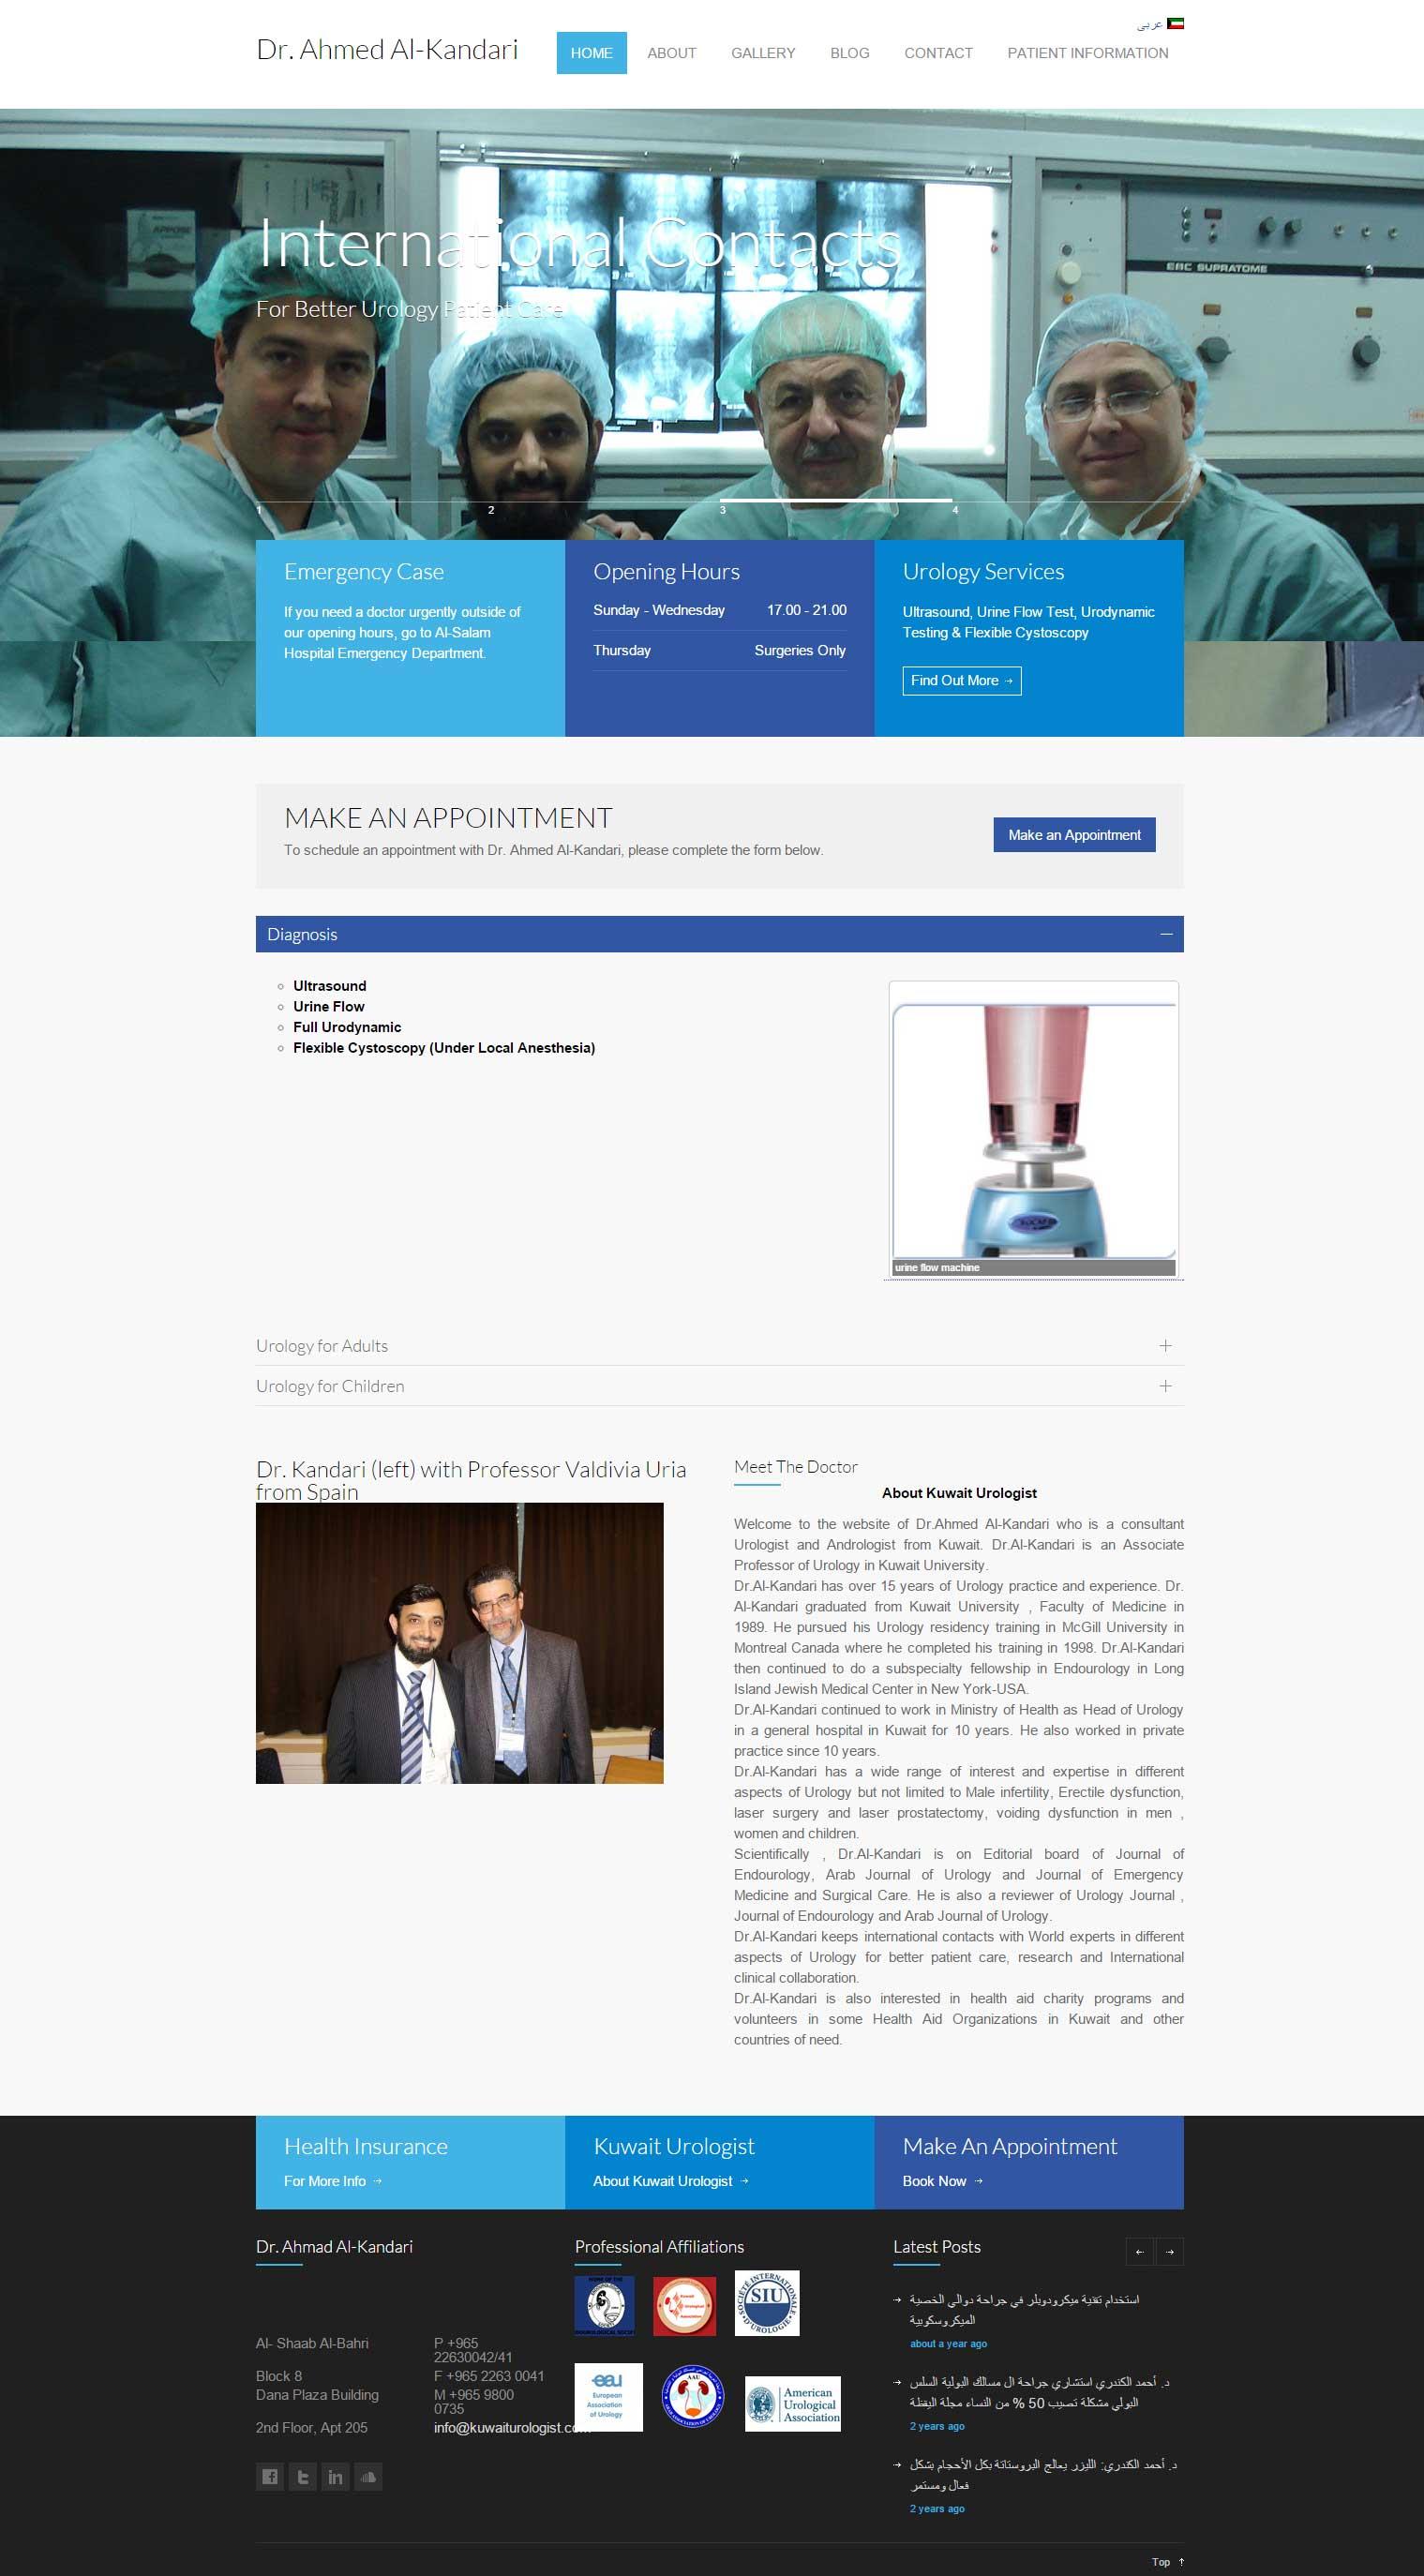 دكتور-أحمد-الكندري---طبيب-مسالك-بولية-في-الكويت-(1)